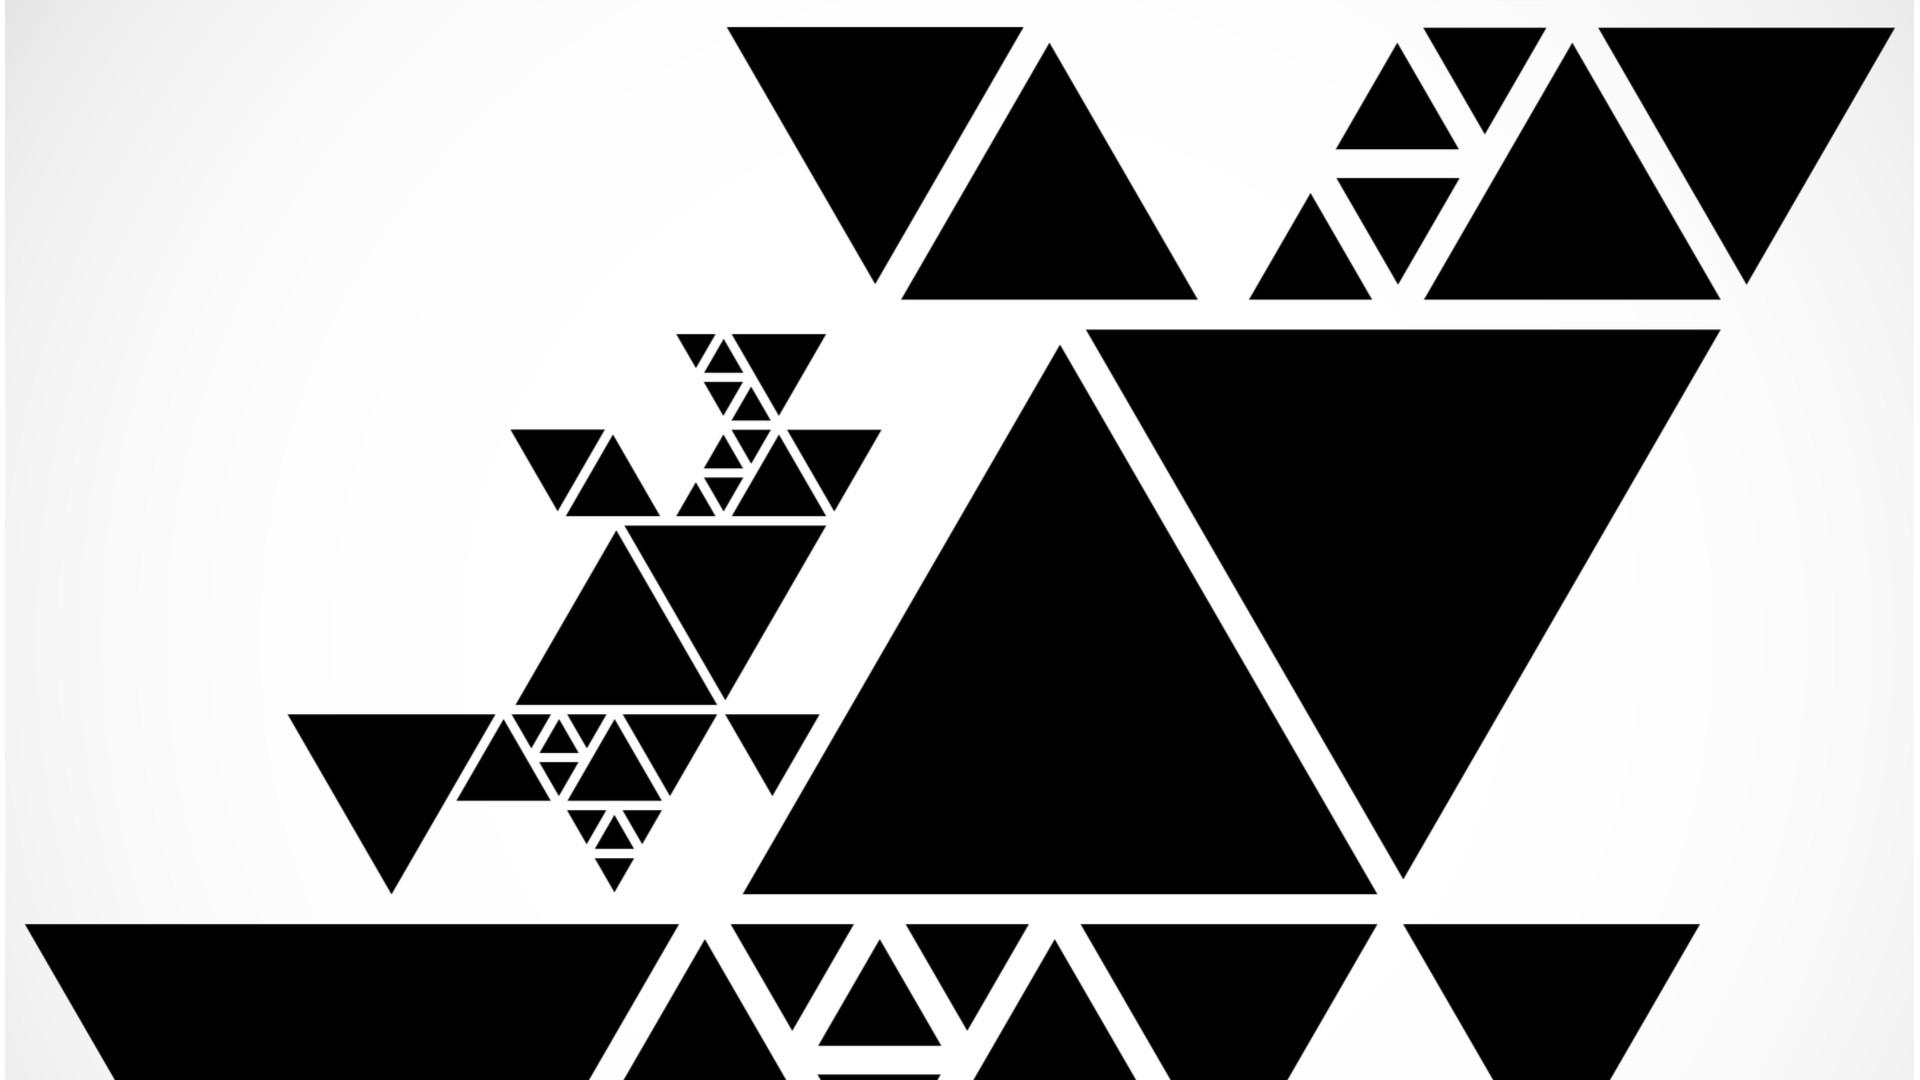 Triangoli simbolo della perfezione per i pitagorici, incastrano 10 punti